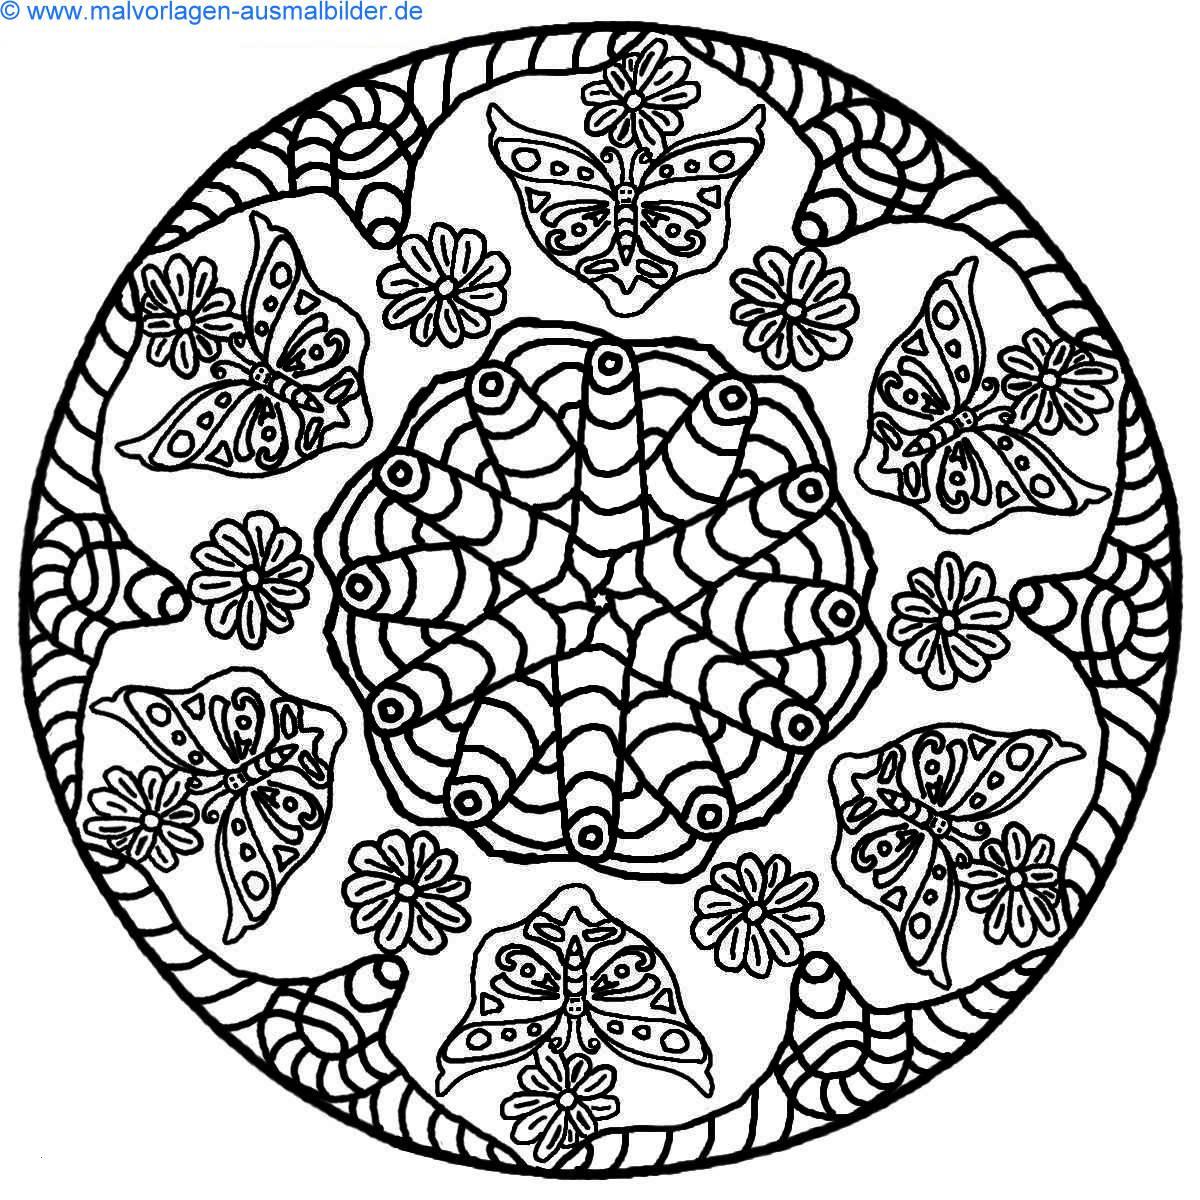 Ausmalbilder Weihnachten Mandala Inspirierend Weihnachts Mandalas Zum Ausdrucken Kostenlos Weihnachts Mandala 9 Sammlung